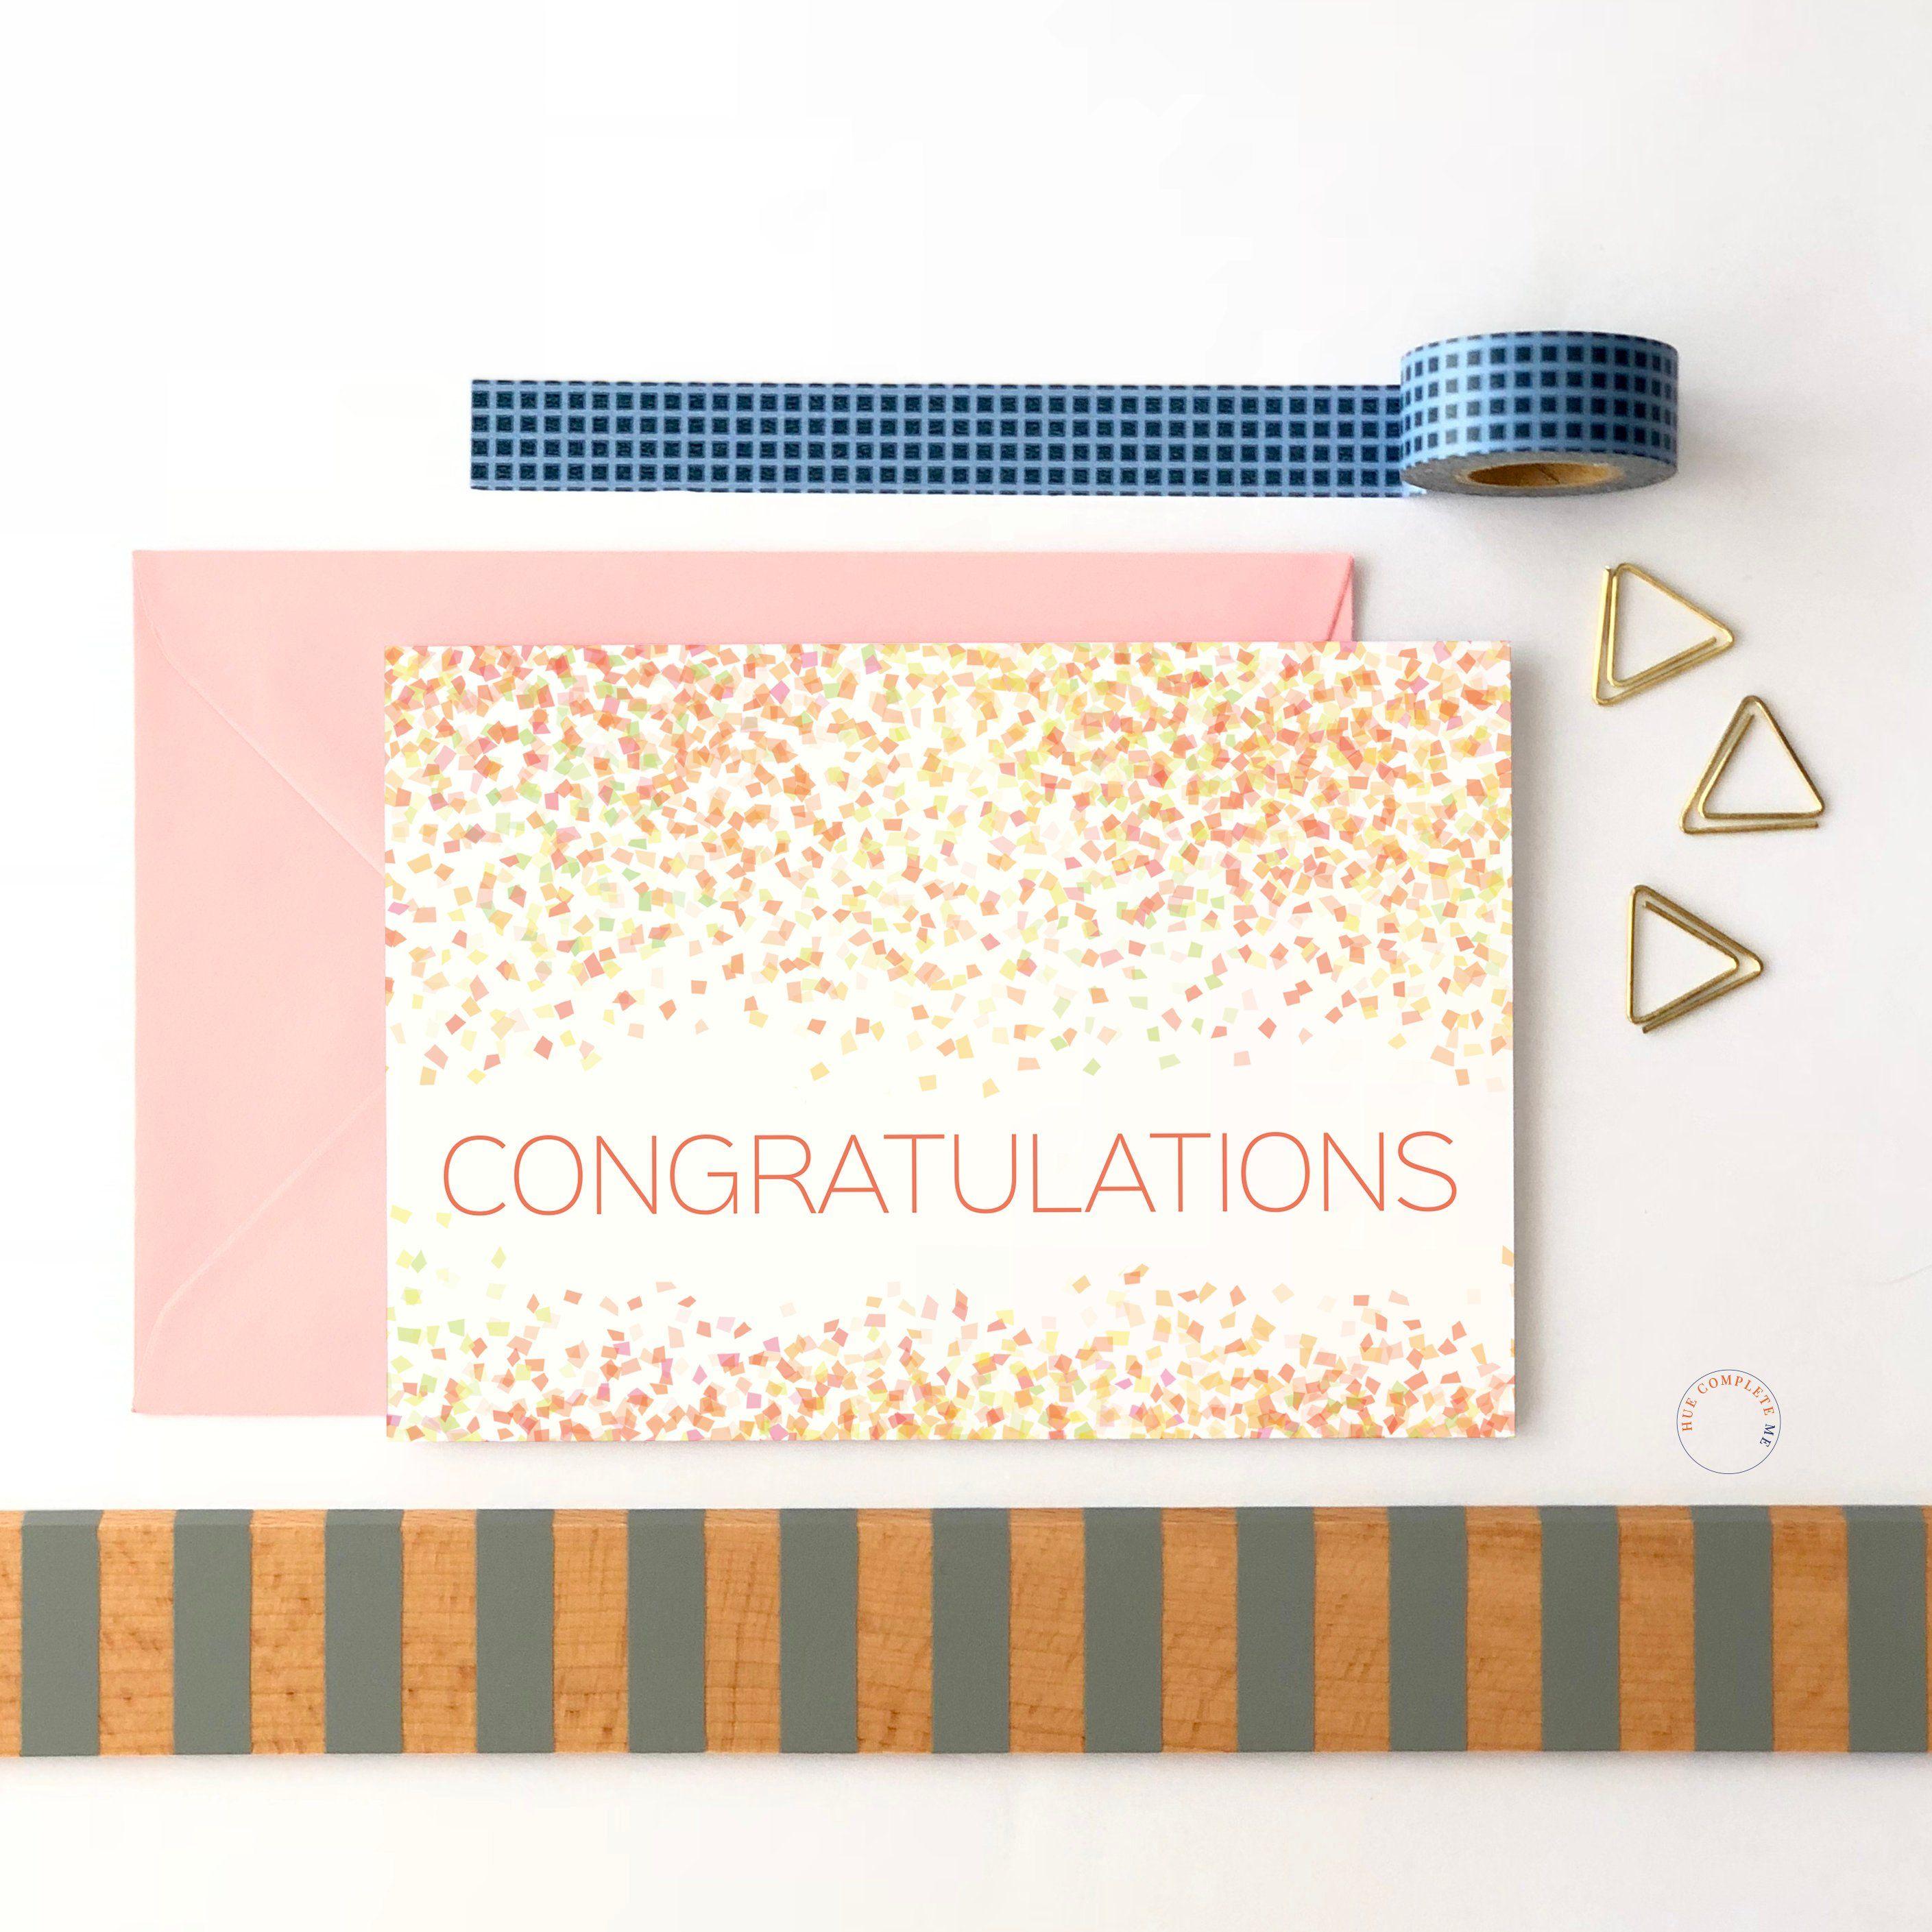 Congratulations Card Congratulations Confetti Celebration Card